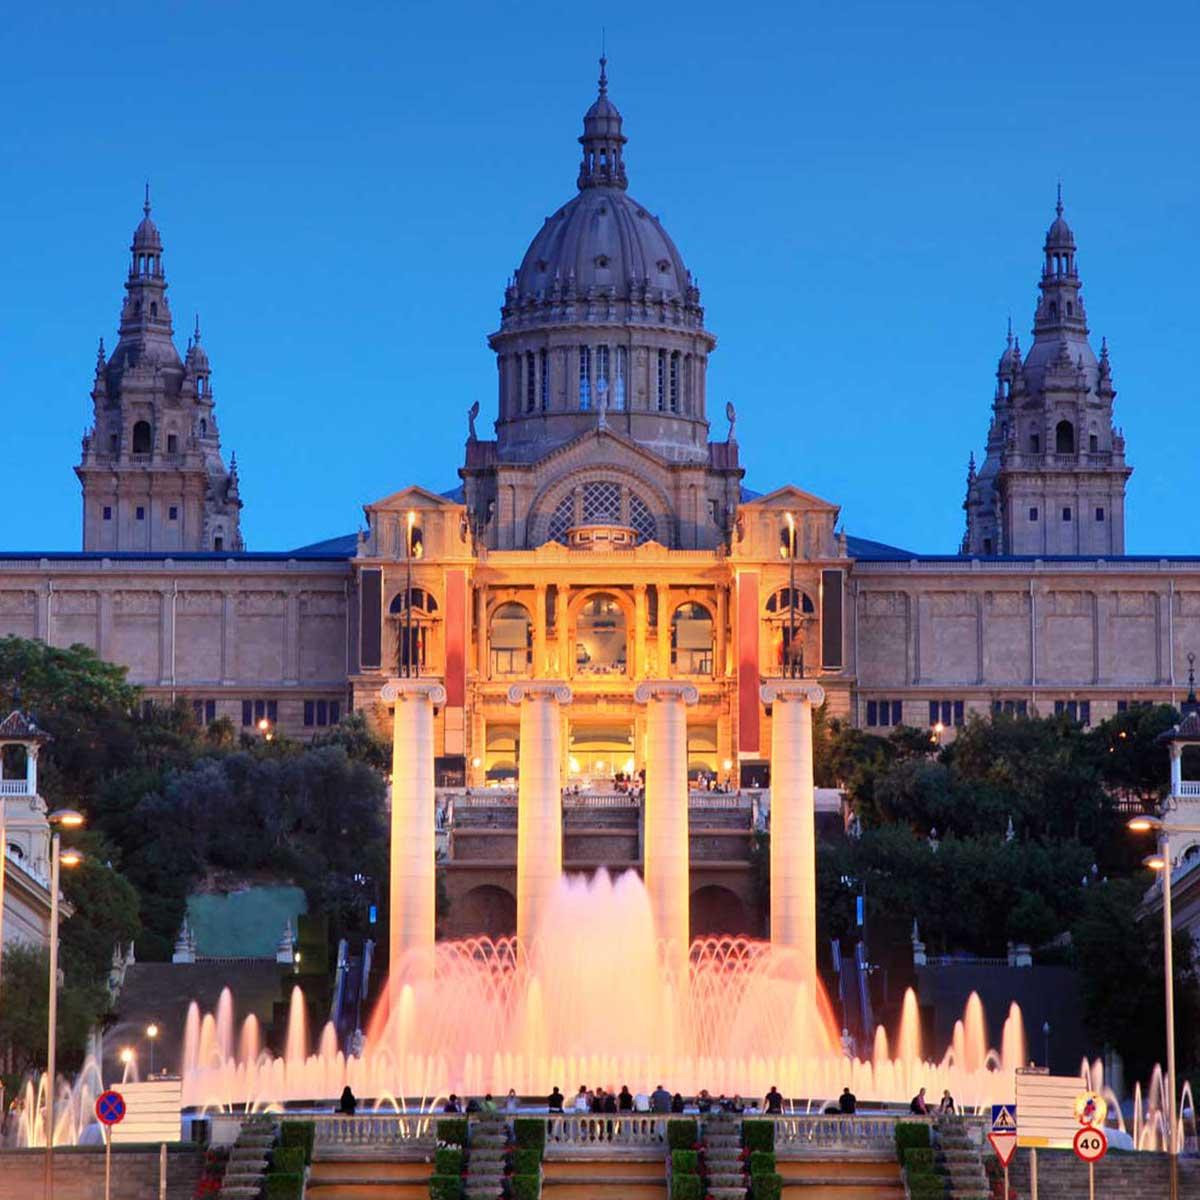 La fuente magica 2h barcelona sidecar for Espectaculo fuentes de montjuic